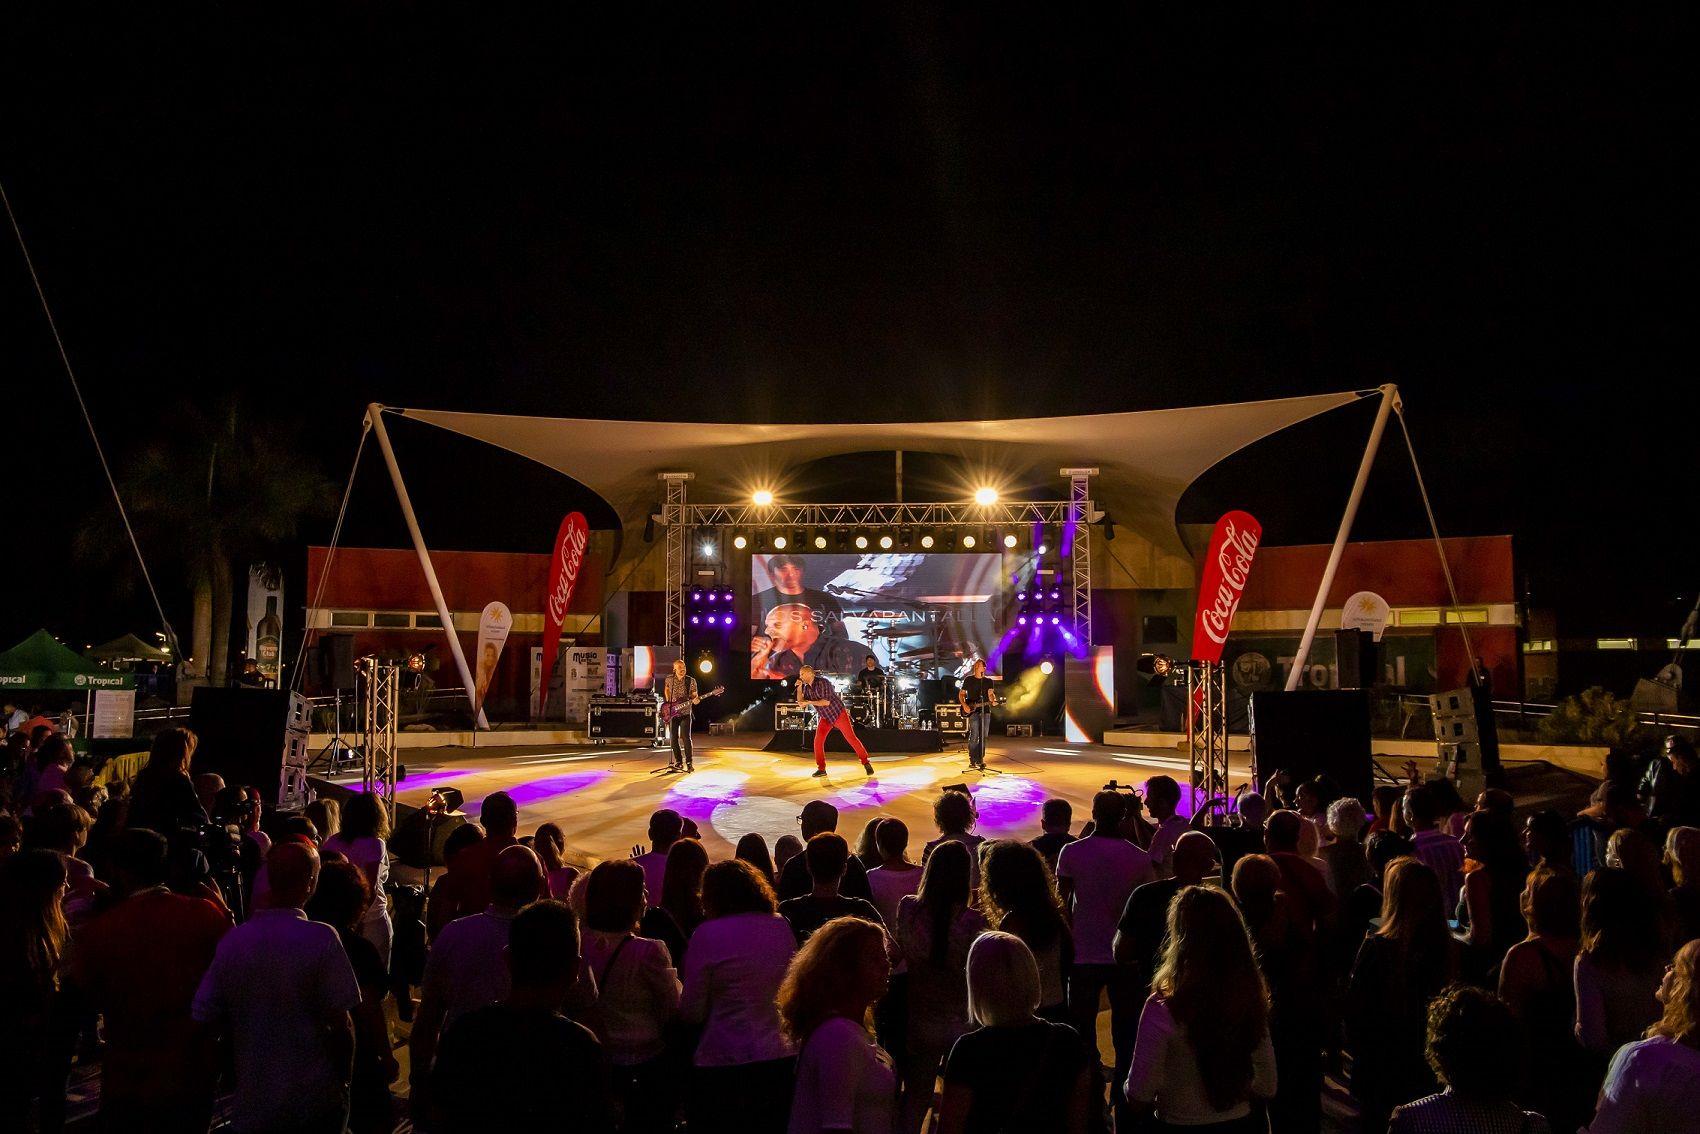 Foto de Grupo Salvapantallas en escenario